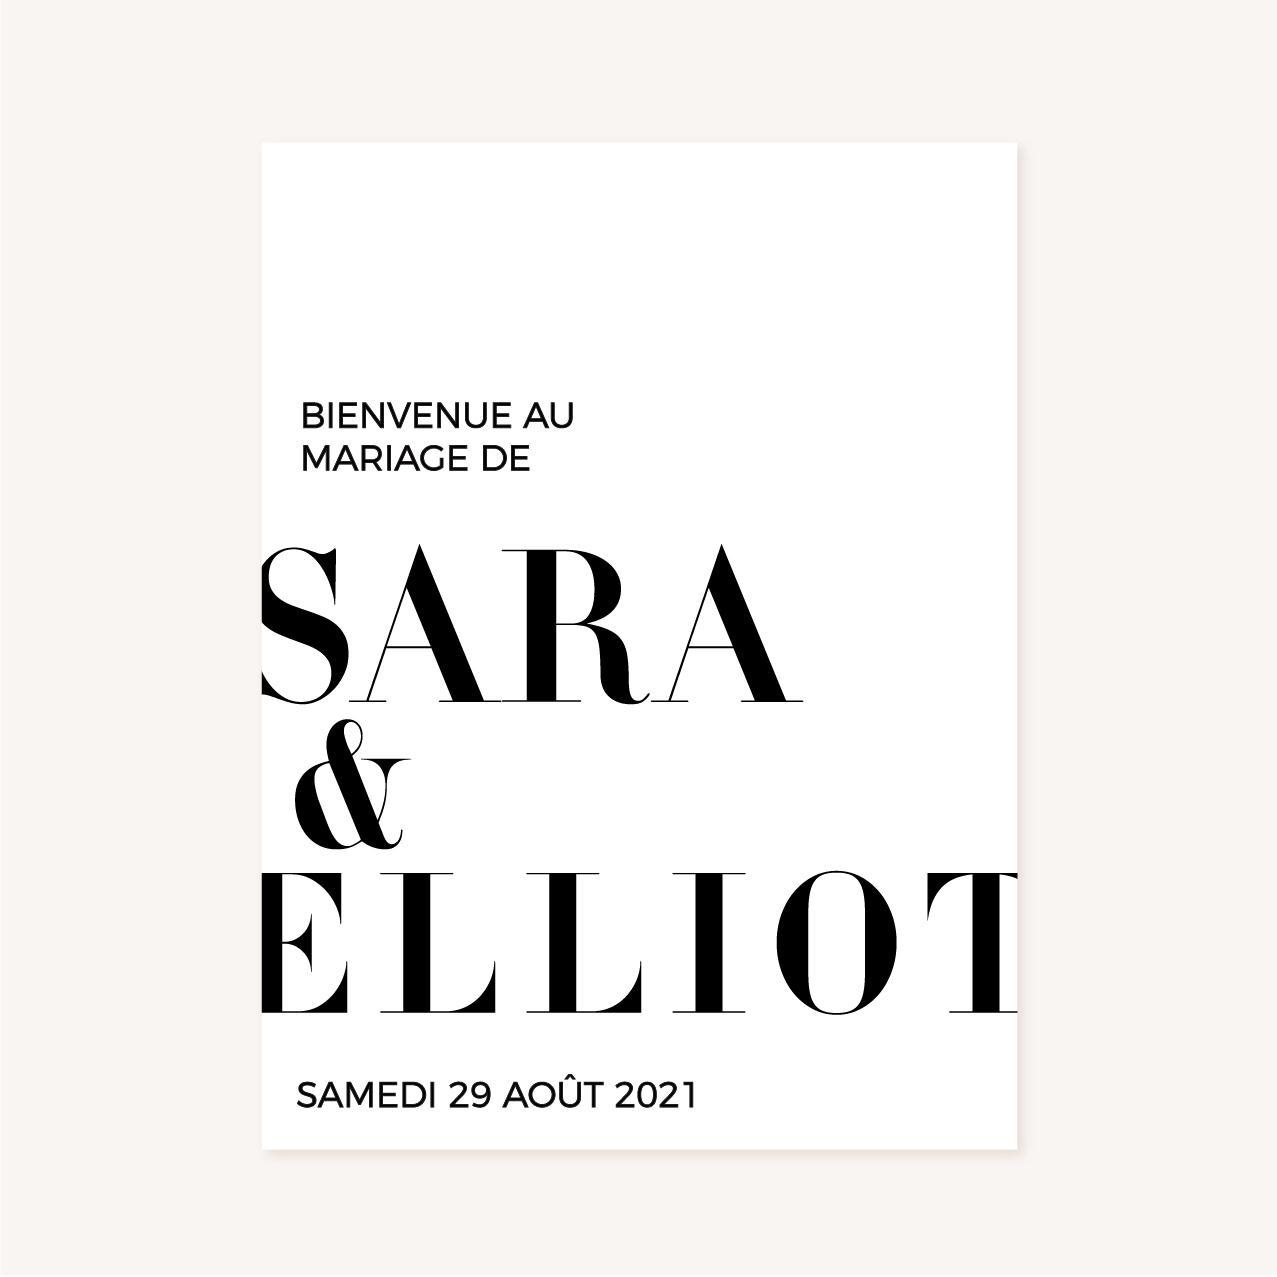 Panneau accueil black and white noir et blanc moderne lettering innovant graphique